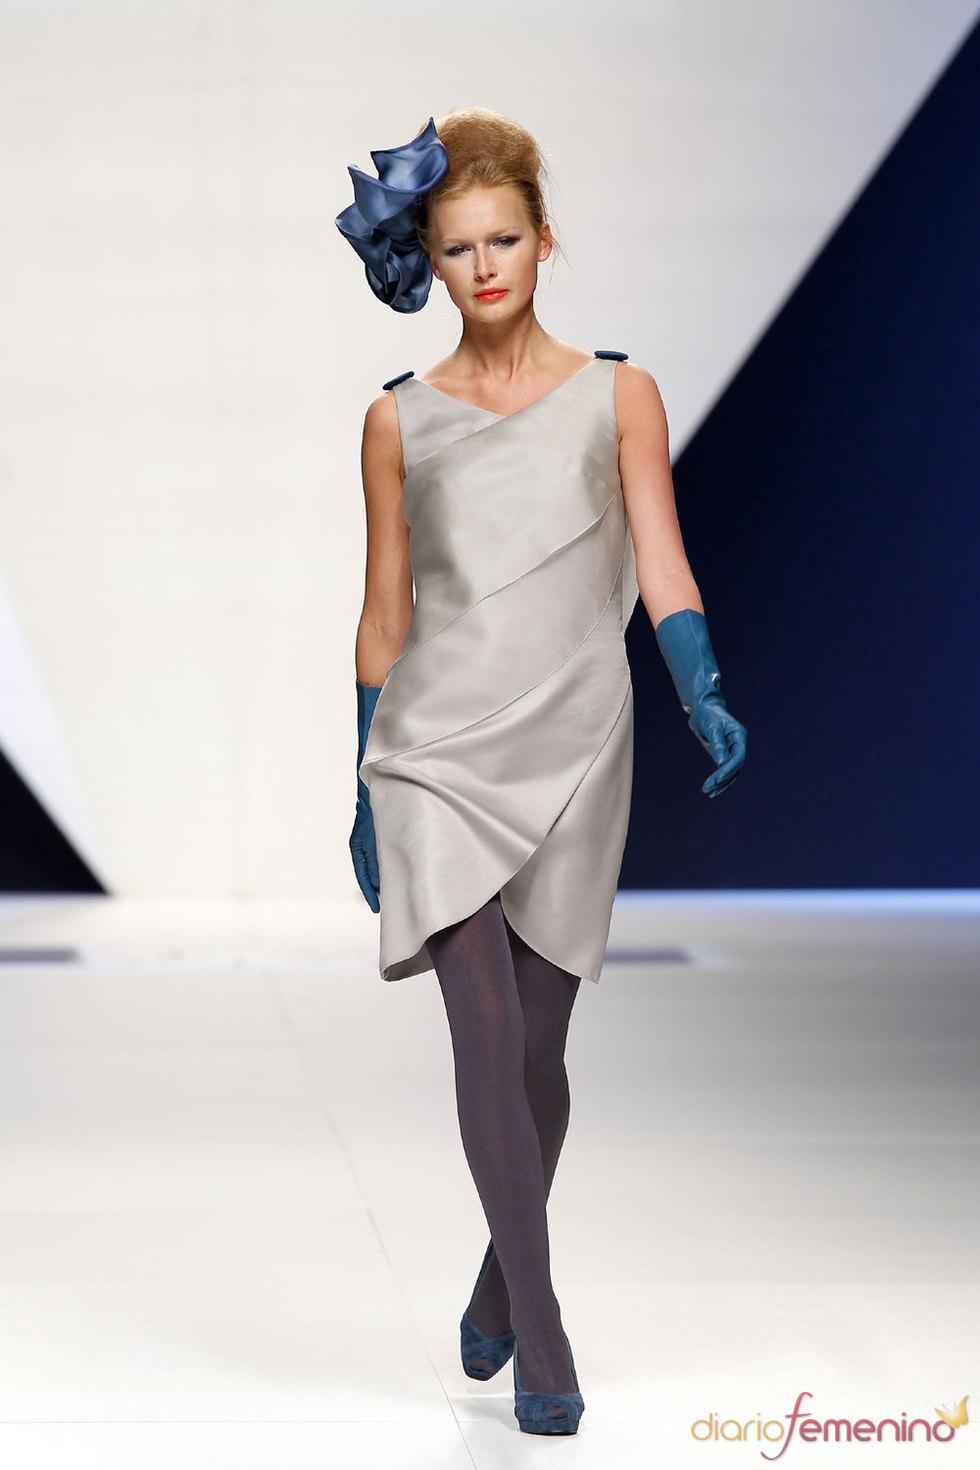 BEBA'S CLOSET - Fotos Moda Cibeles 2010